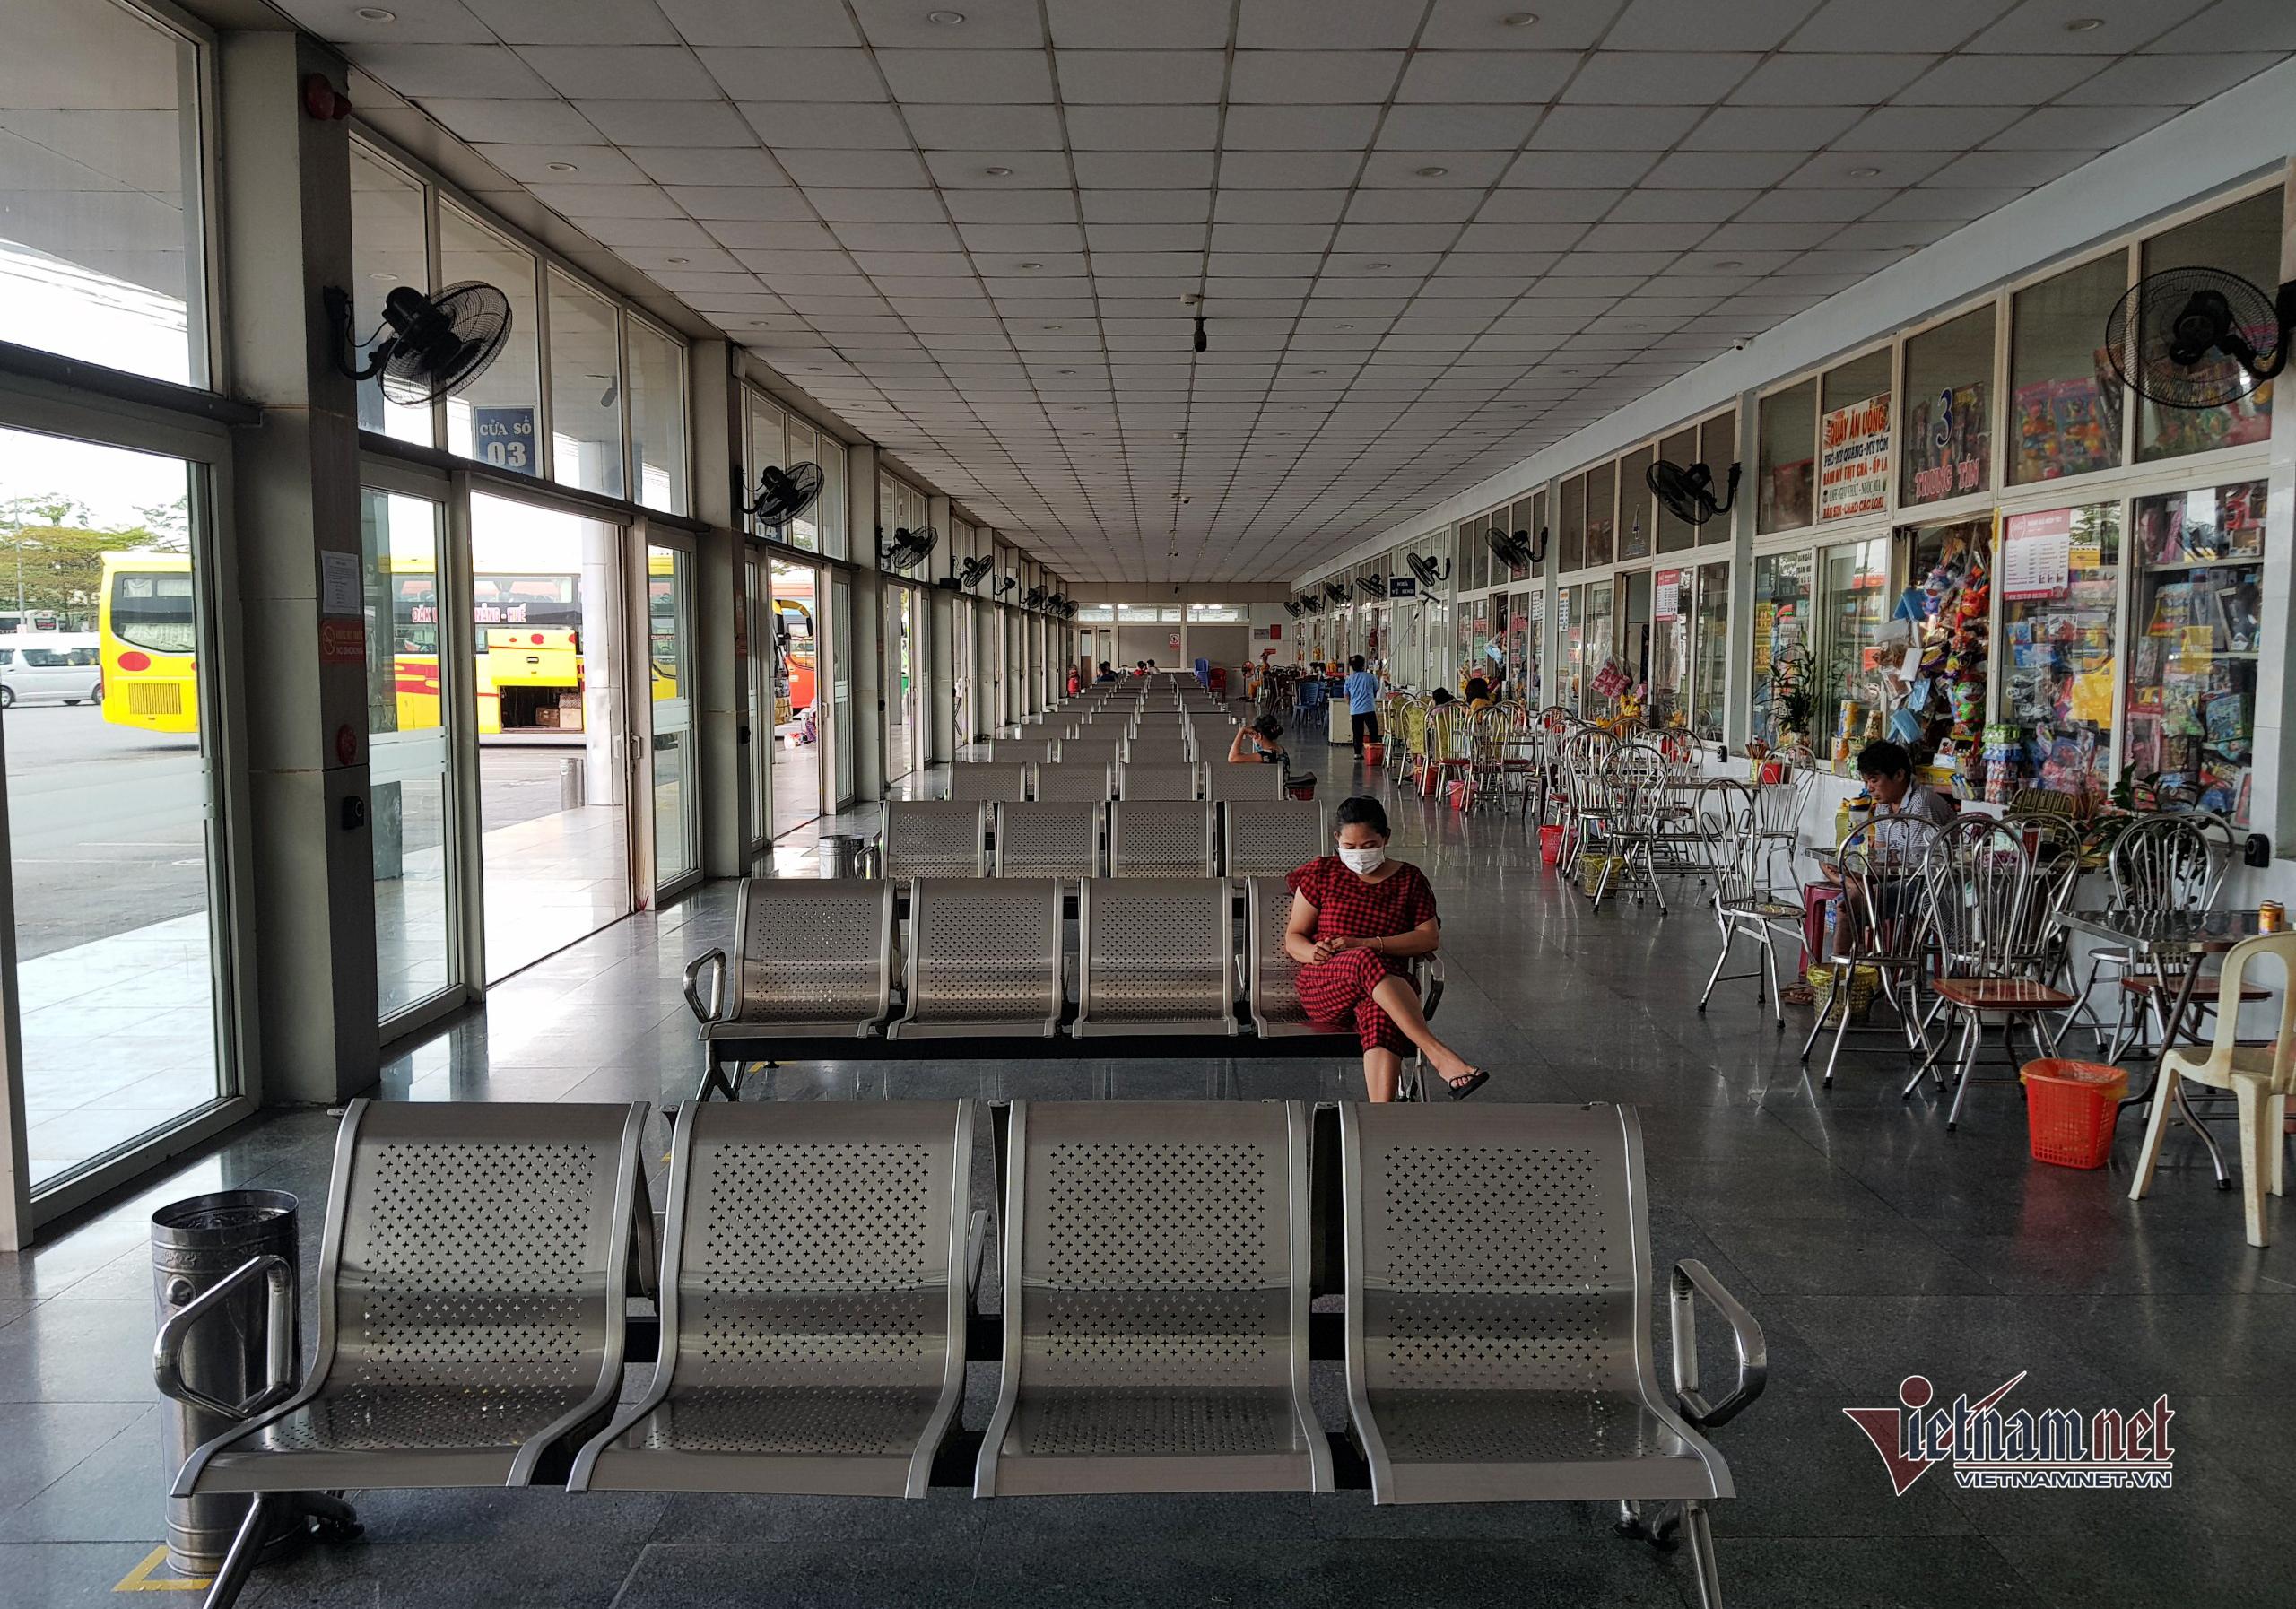 Cảnh đìu hiu ở sân bay, bến xe Đà Nẵng giữa lúc dịch Covid-19 bùng phát